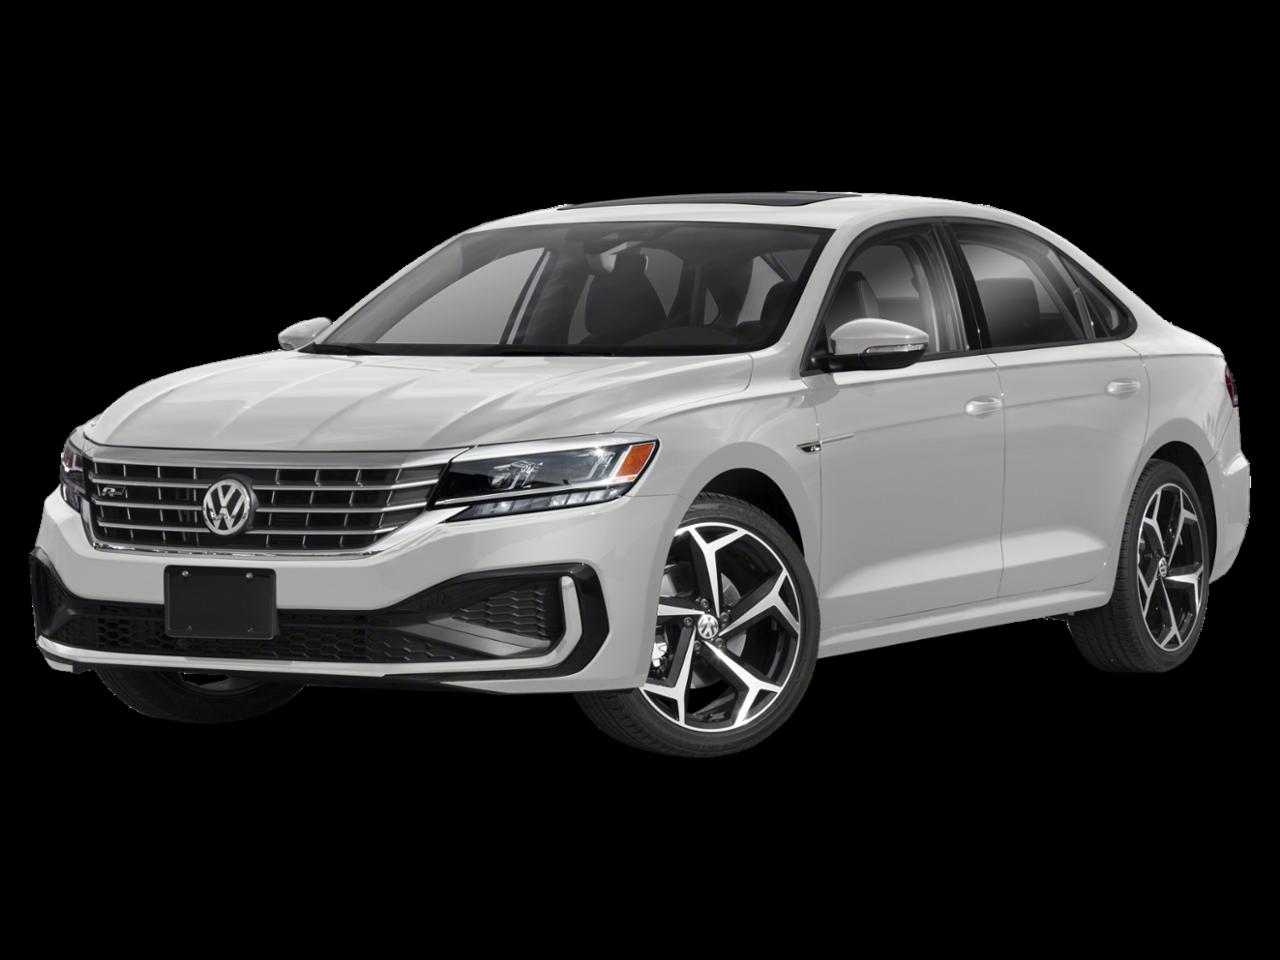 Volkswagen 2020 Passat 2.0T R-Line